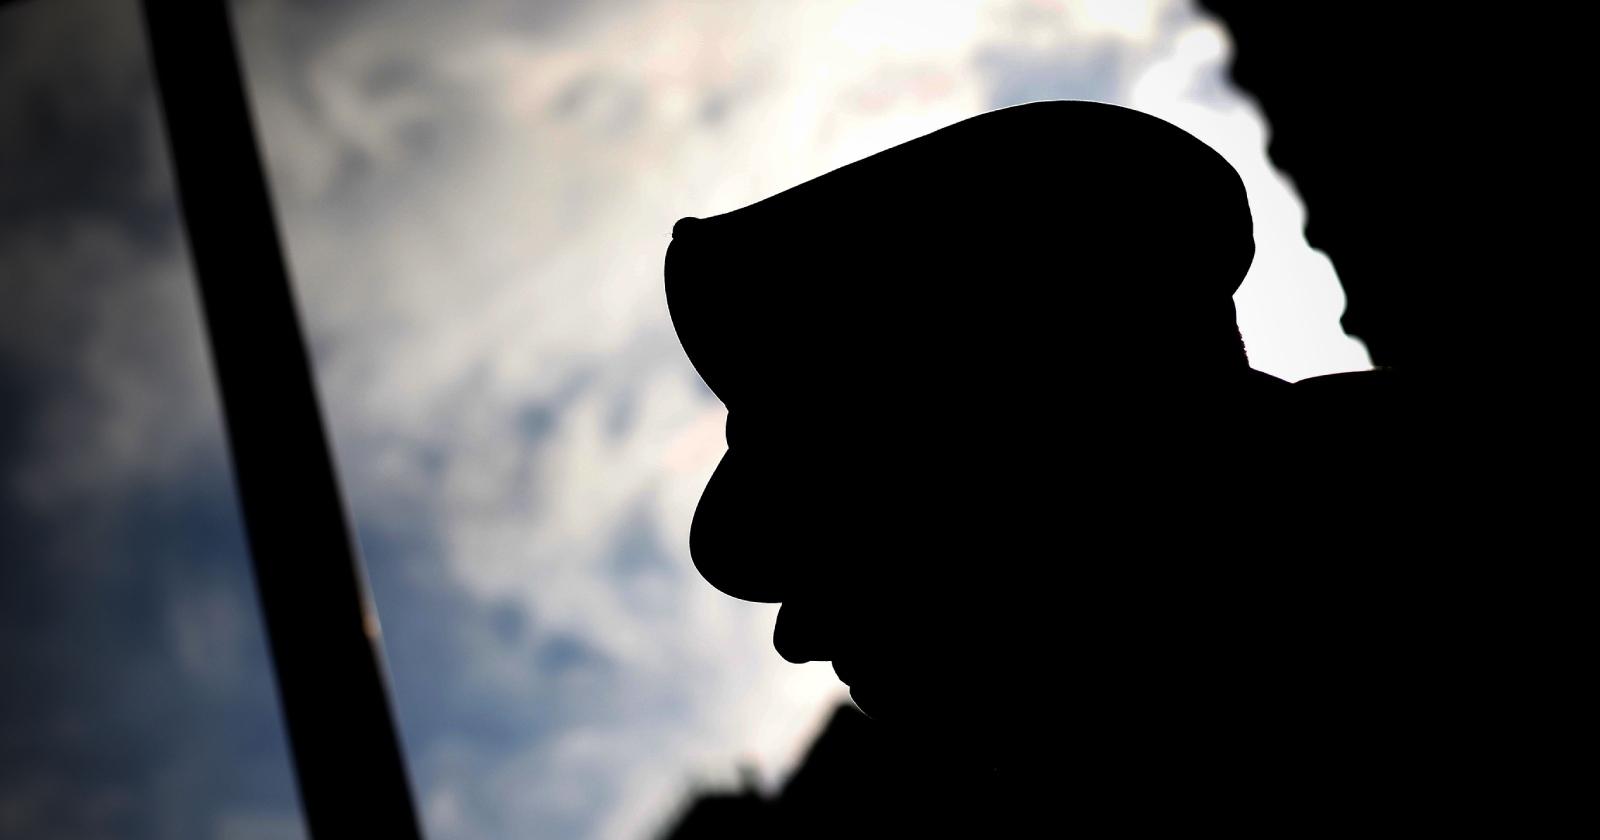 Cinco años de libertad vigilada para ex carabinero que disparó lacrimógena a la cabeza de joven en Rancagua